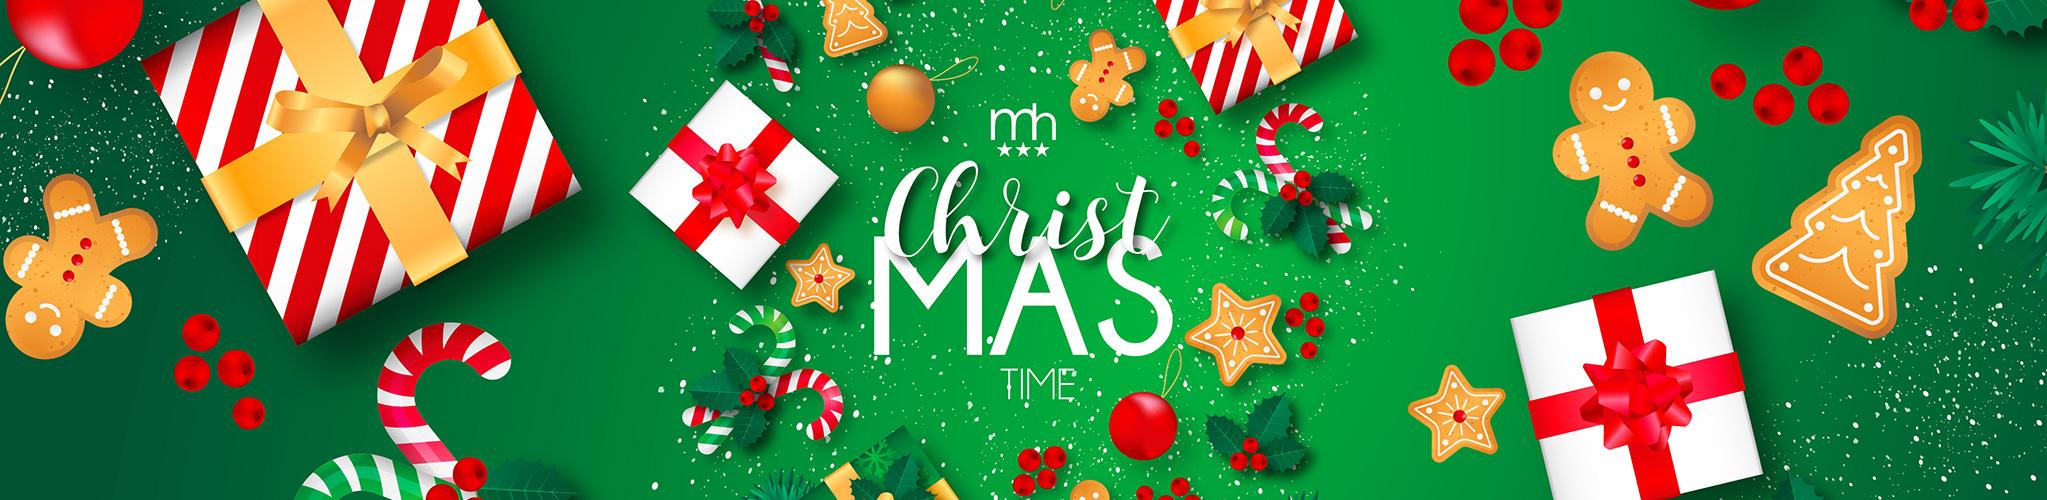 Tante novità ed eventi questo Natale 2018 nel nostro ristorante